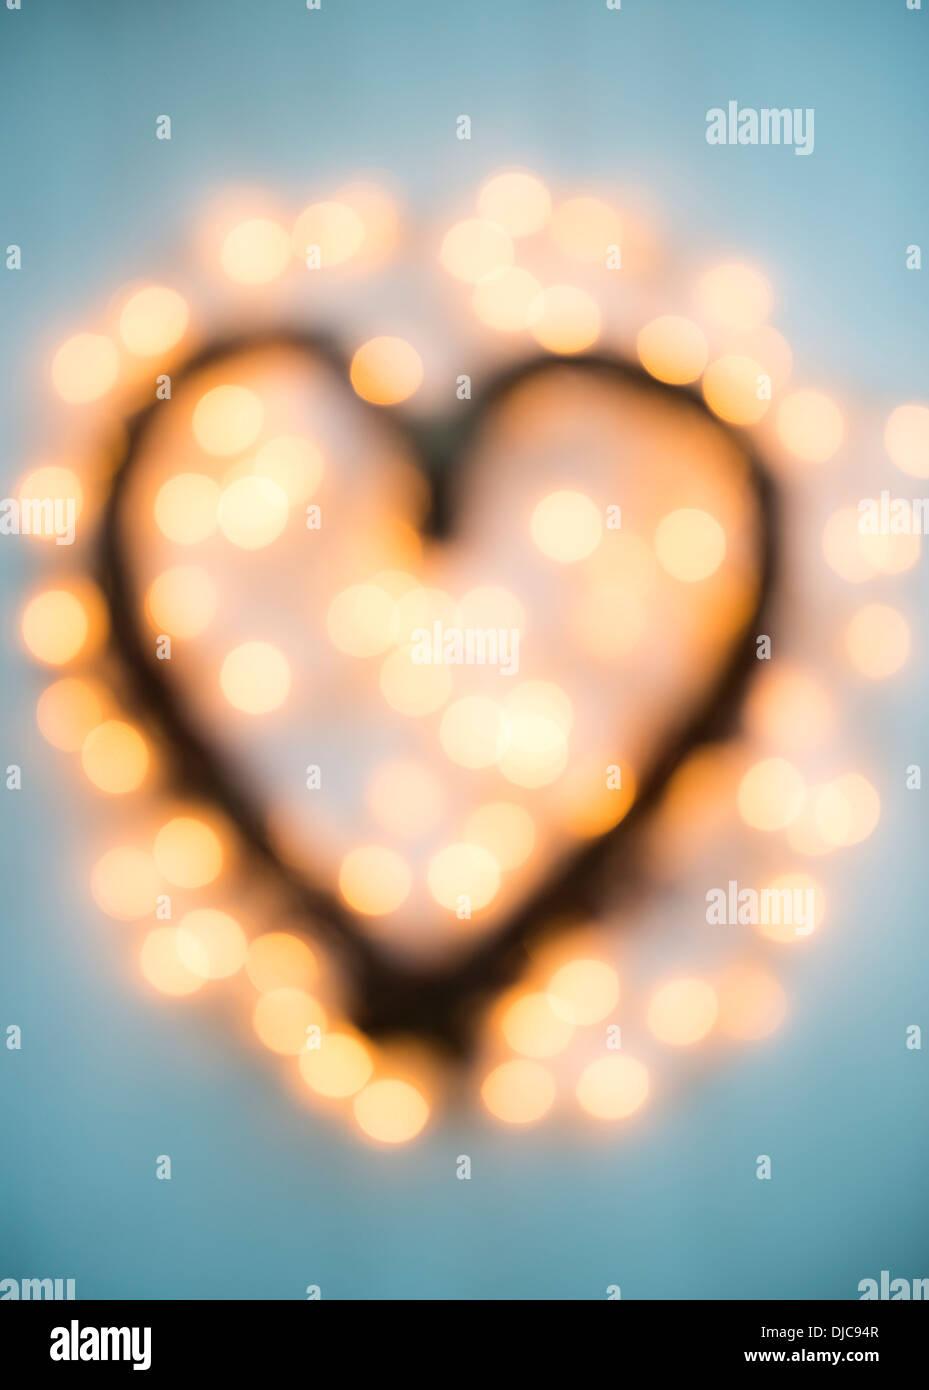 Fuera de foco en forma de corazón decoración de Navidad Imagen De Stock